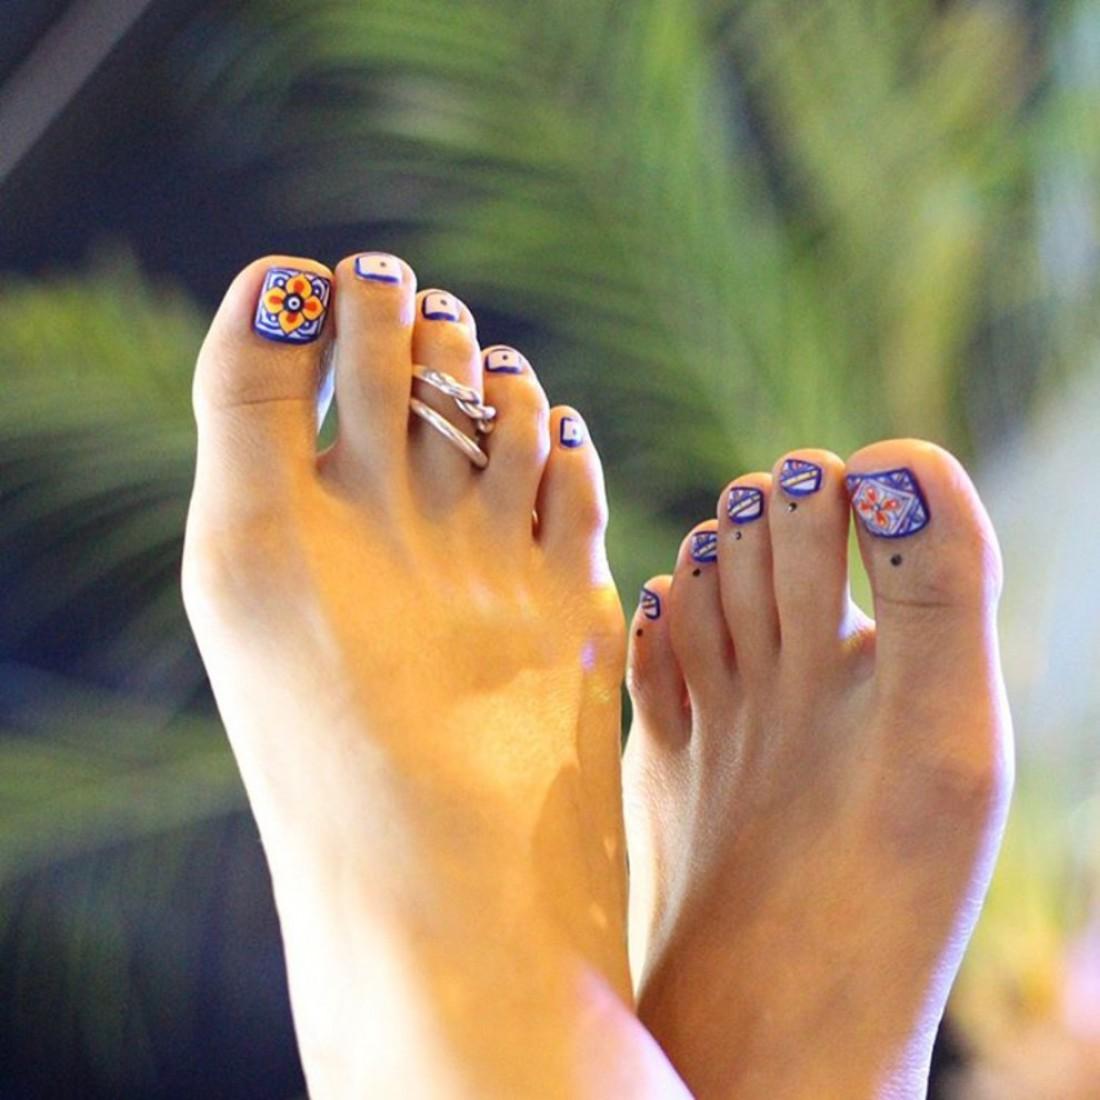 Педикюр красивый дизайн ногтей на ногах фото